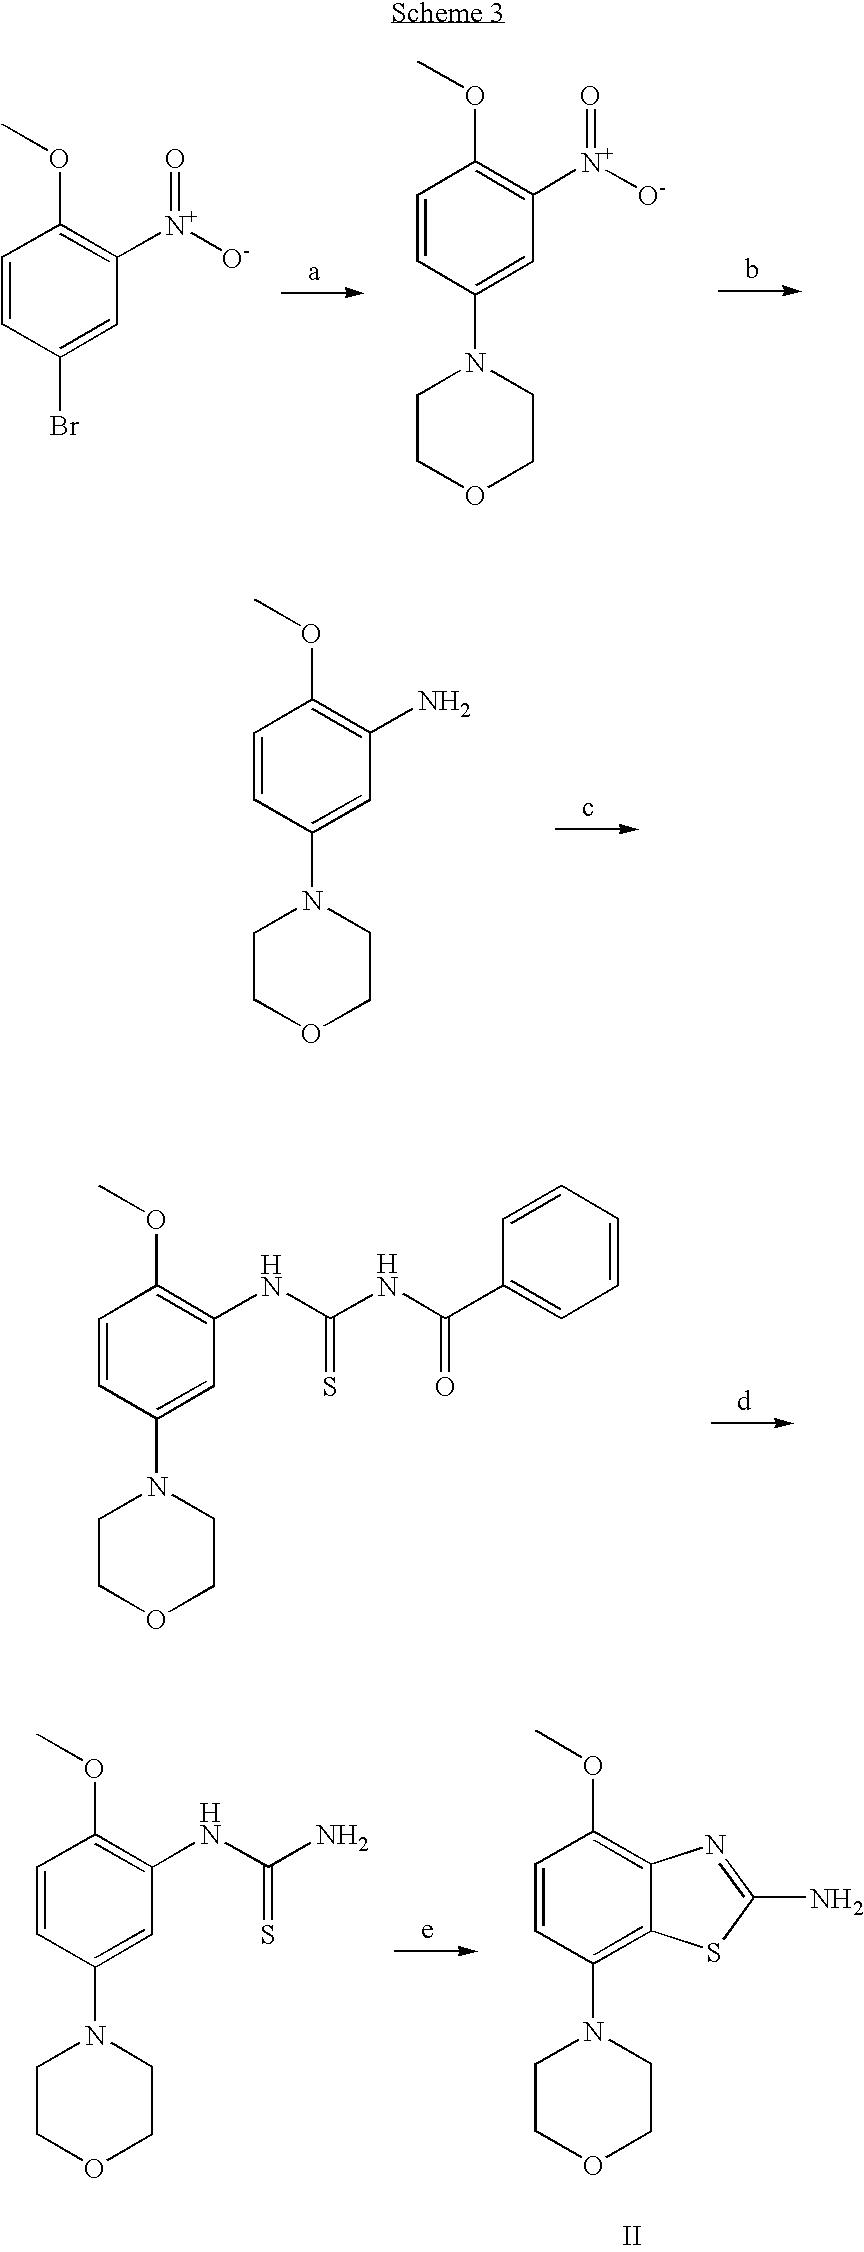 Figure US20050261289A1-20051124-C00013